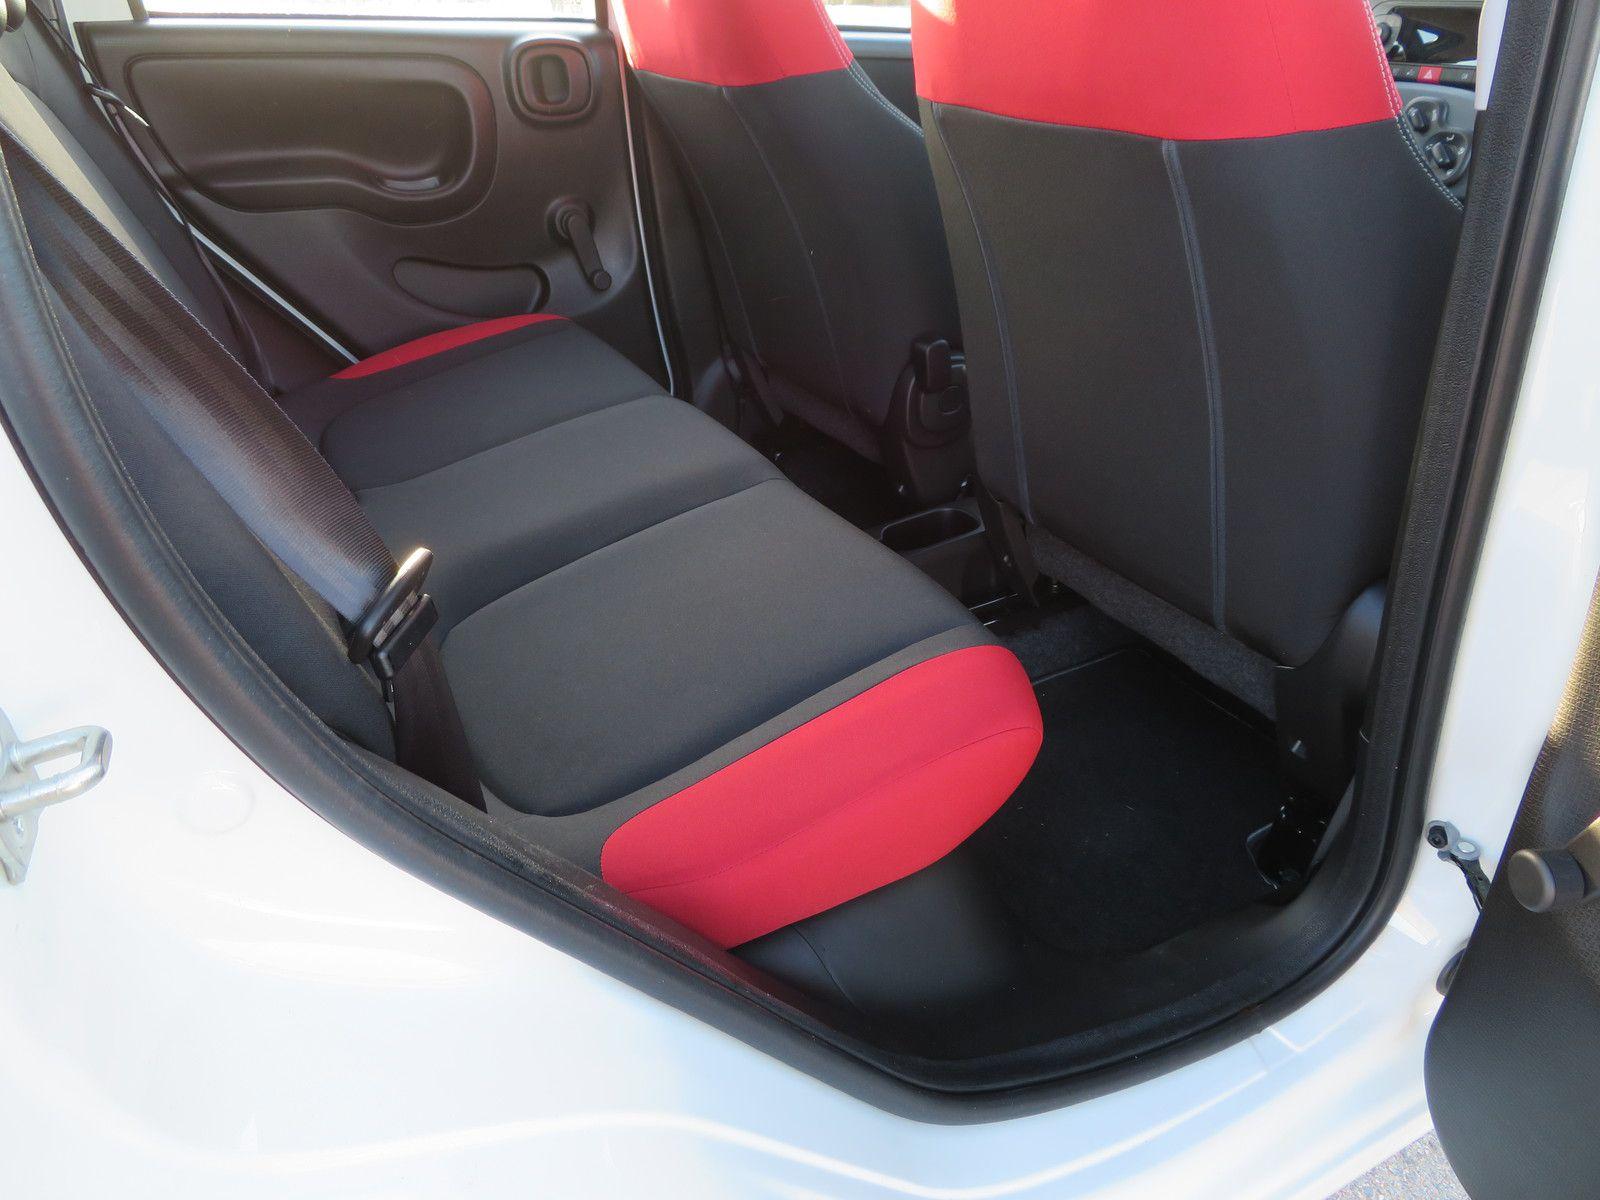 Même avec les sièges avant reculés, l'espace pour les jambes reste très correct.